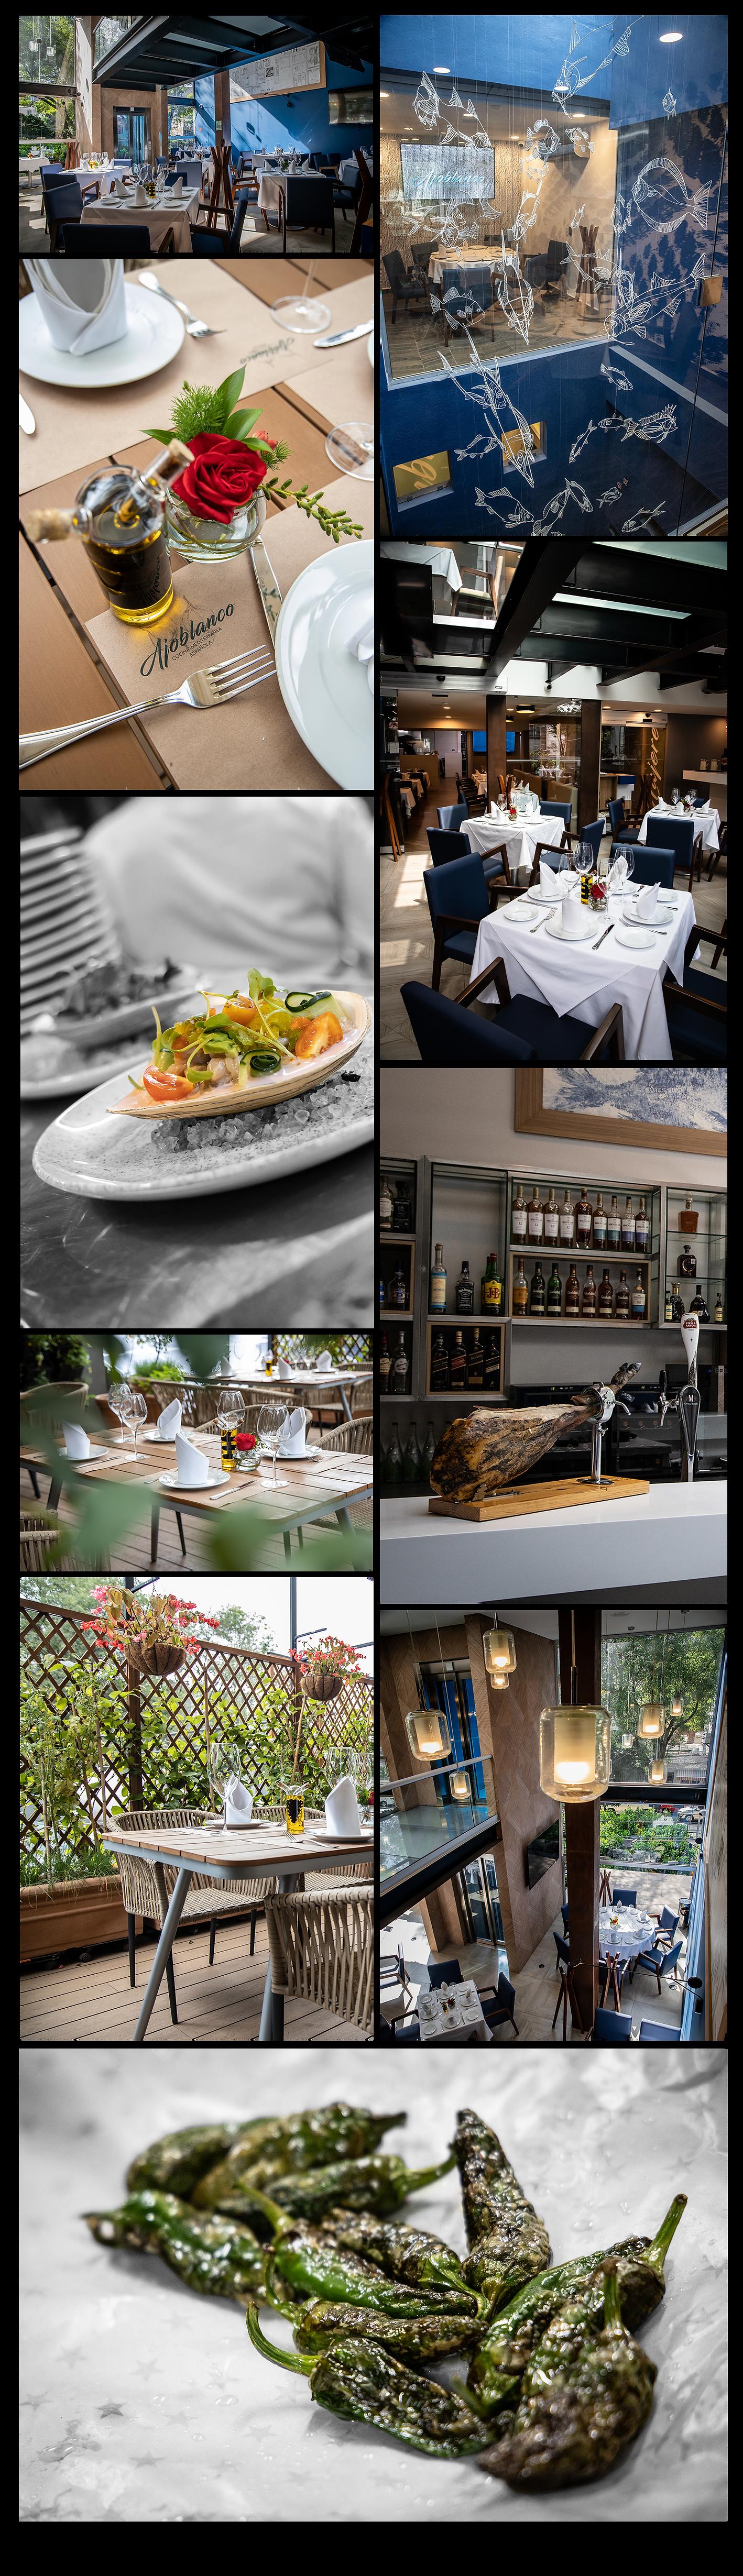 galeria-restaurante-transparente.png